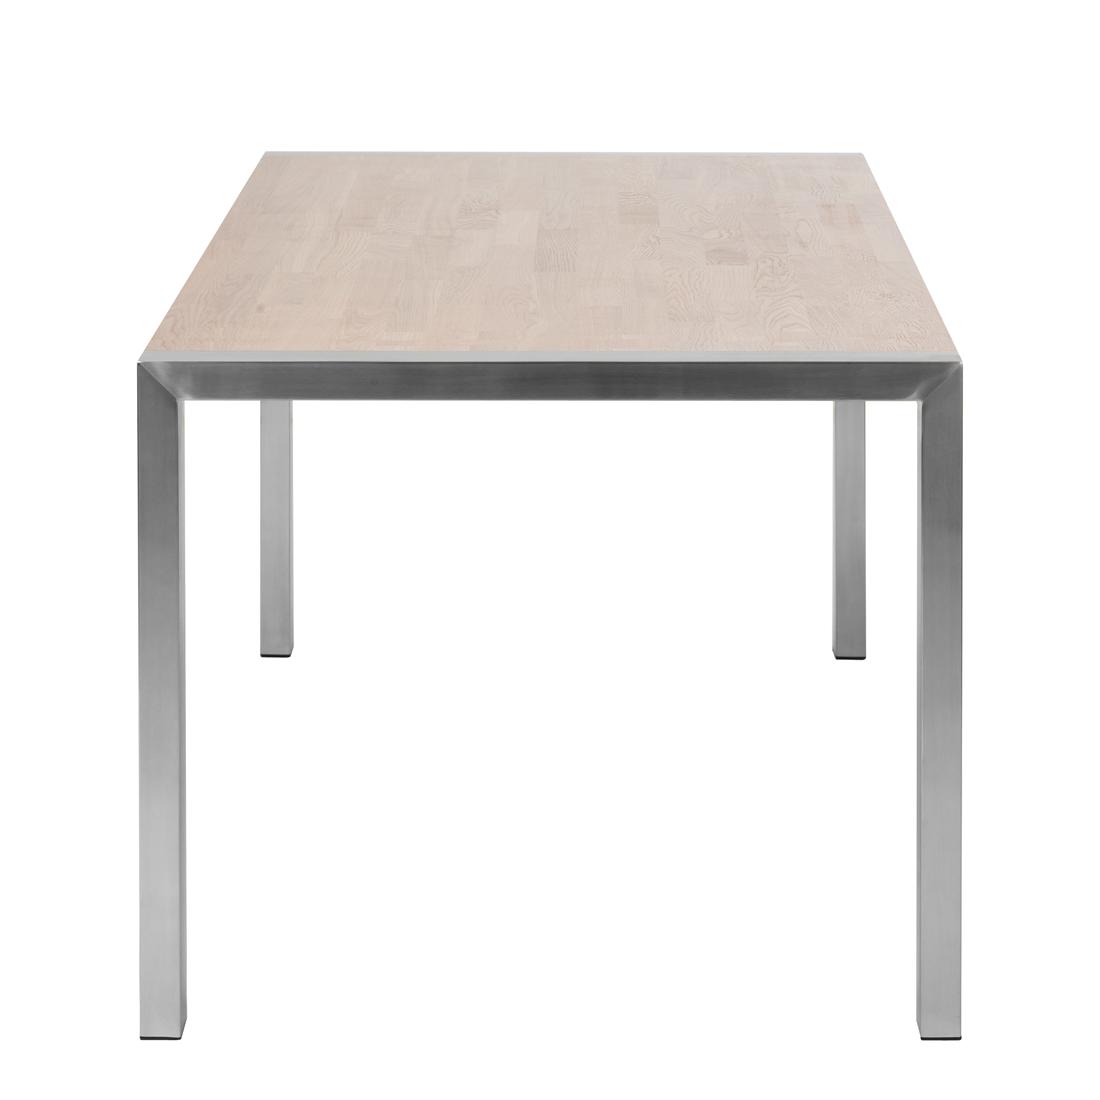 Esstisch In Massiv Recyclingholz Braun Klar ~ Esstisch Eiche massiv Edelstahl Küchentisch Esszimmertisch Küche Holz Tisch N